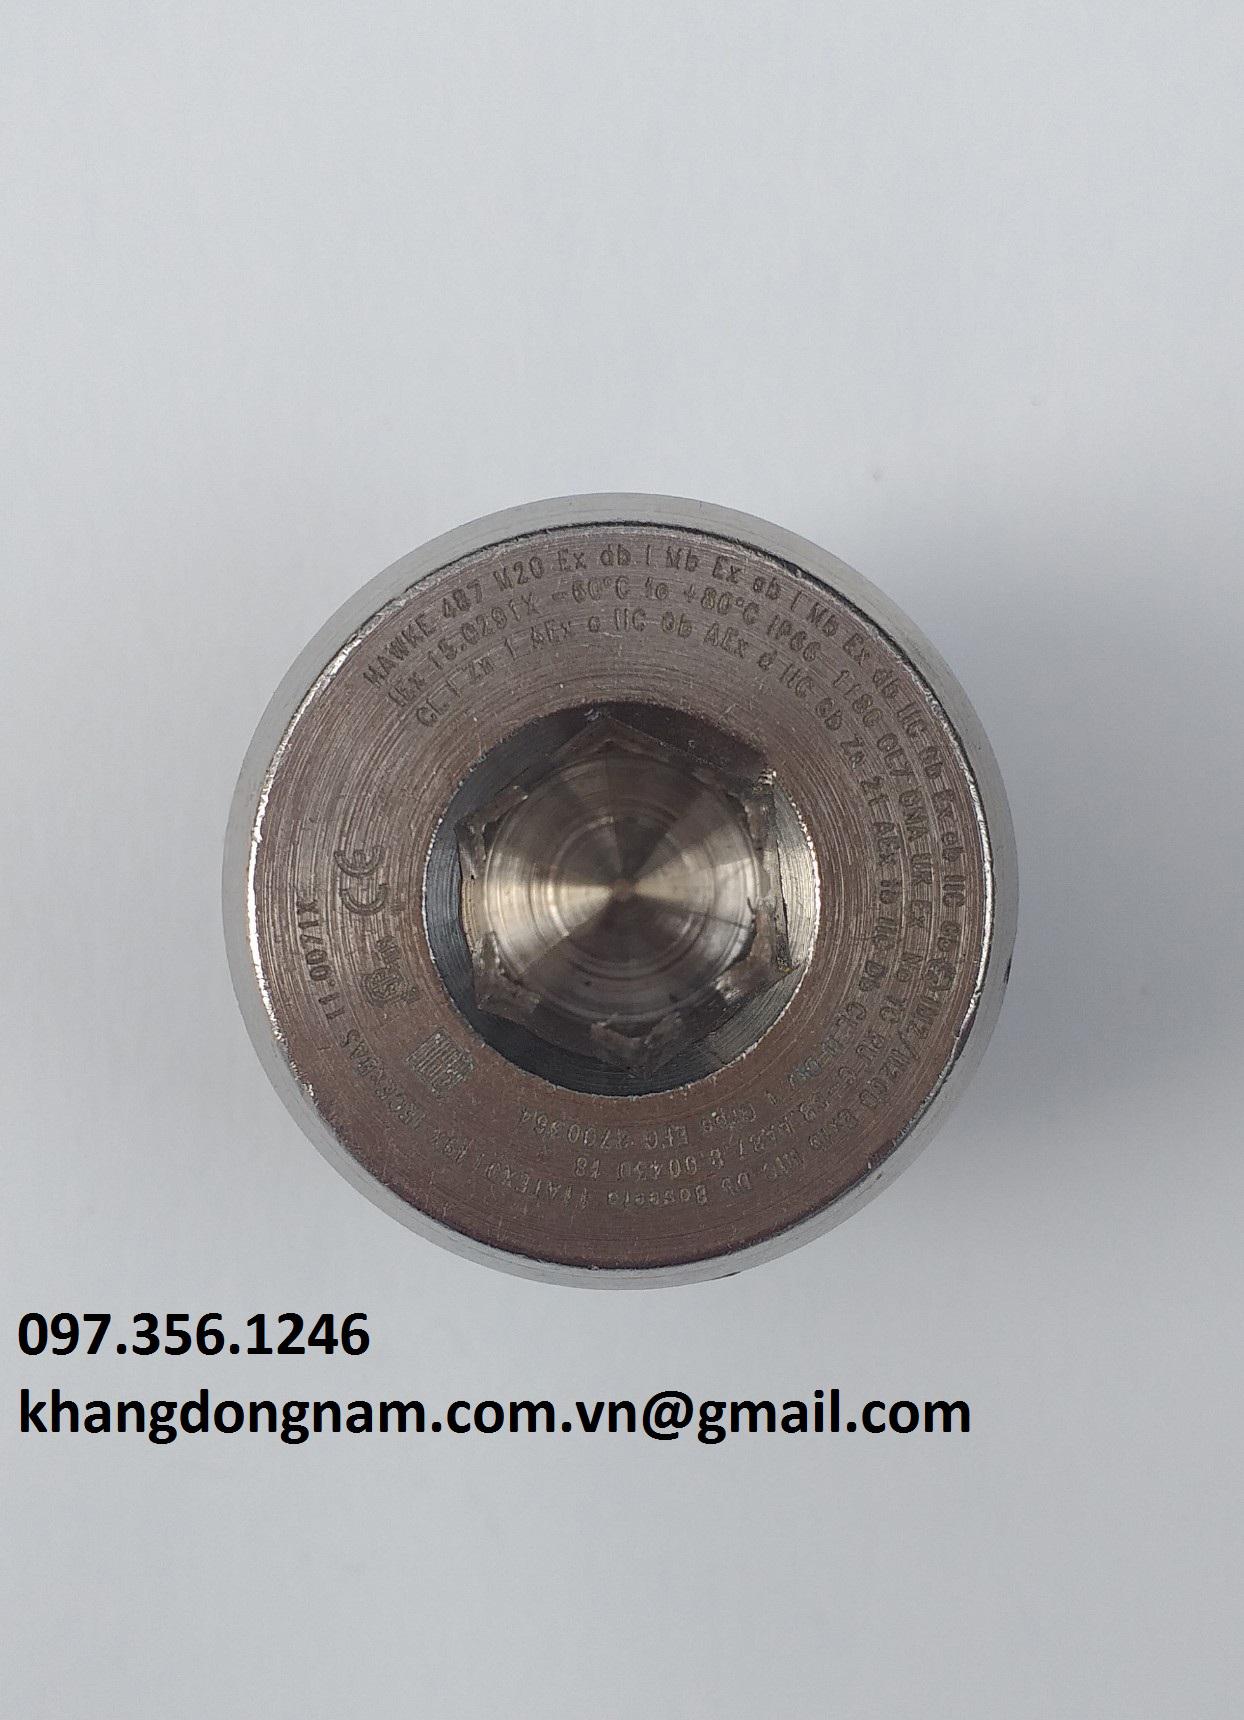 Nút bịt chống cháy nổ Hawke 487 M20 (1)